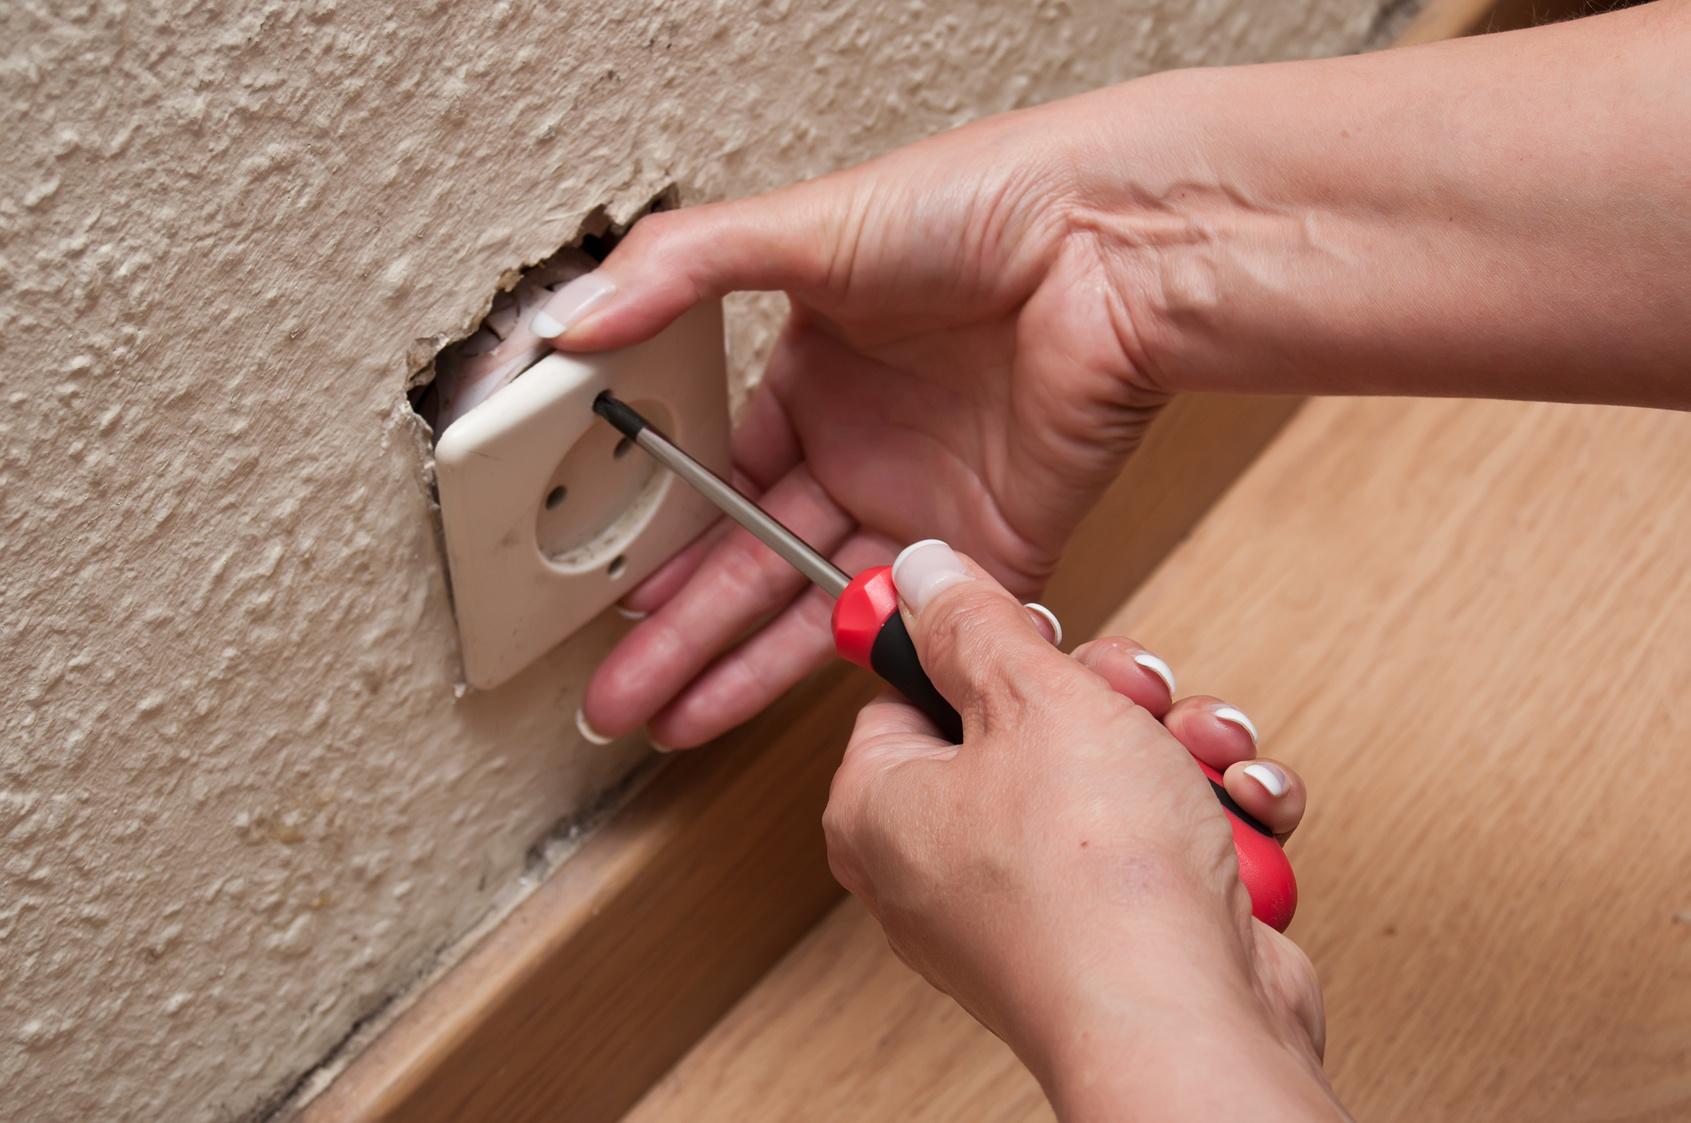 Les dangers du courant electrique et les mesures de securité